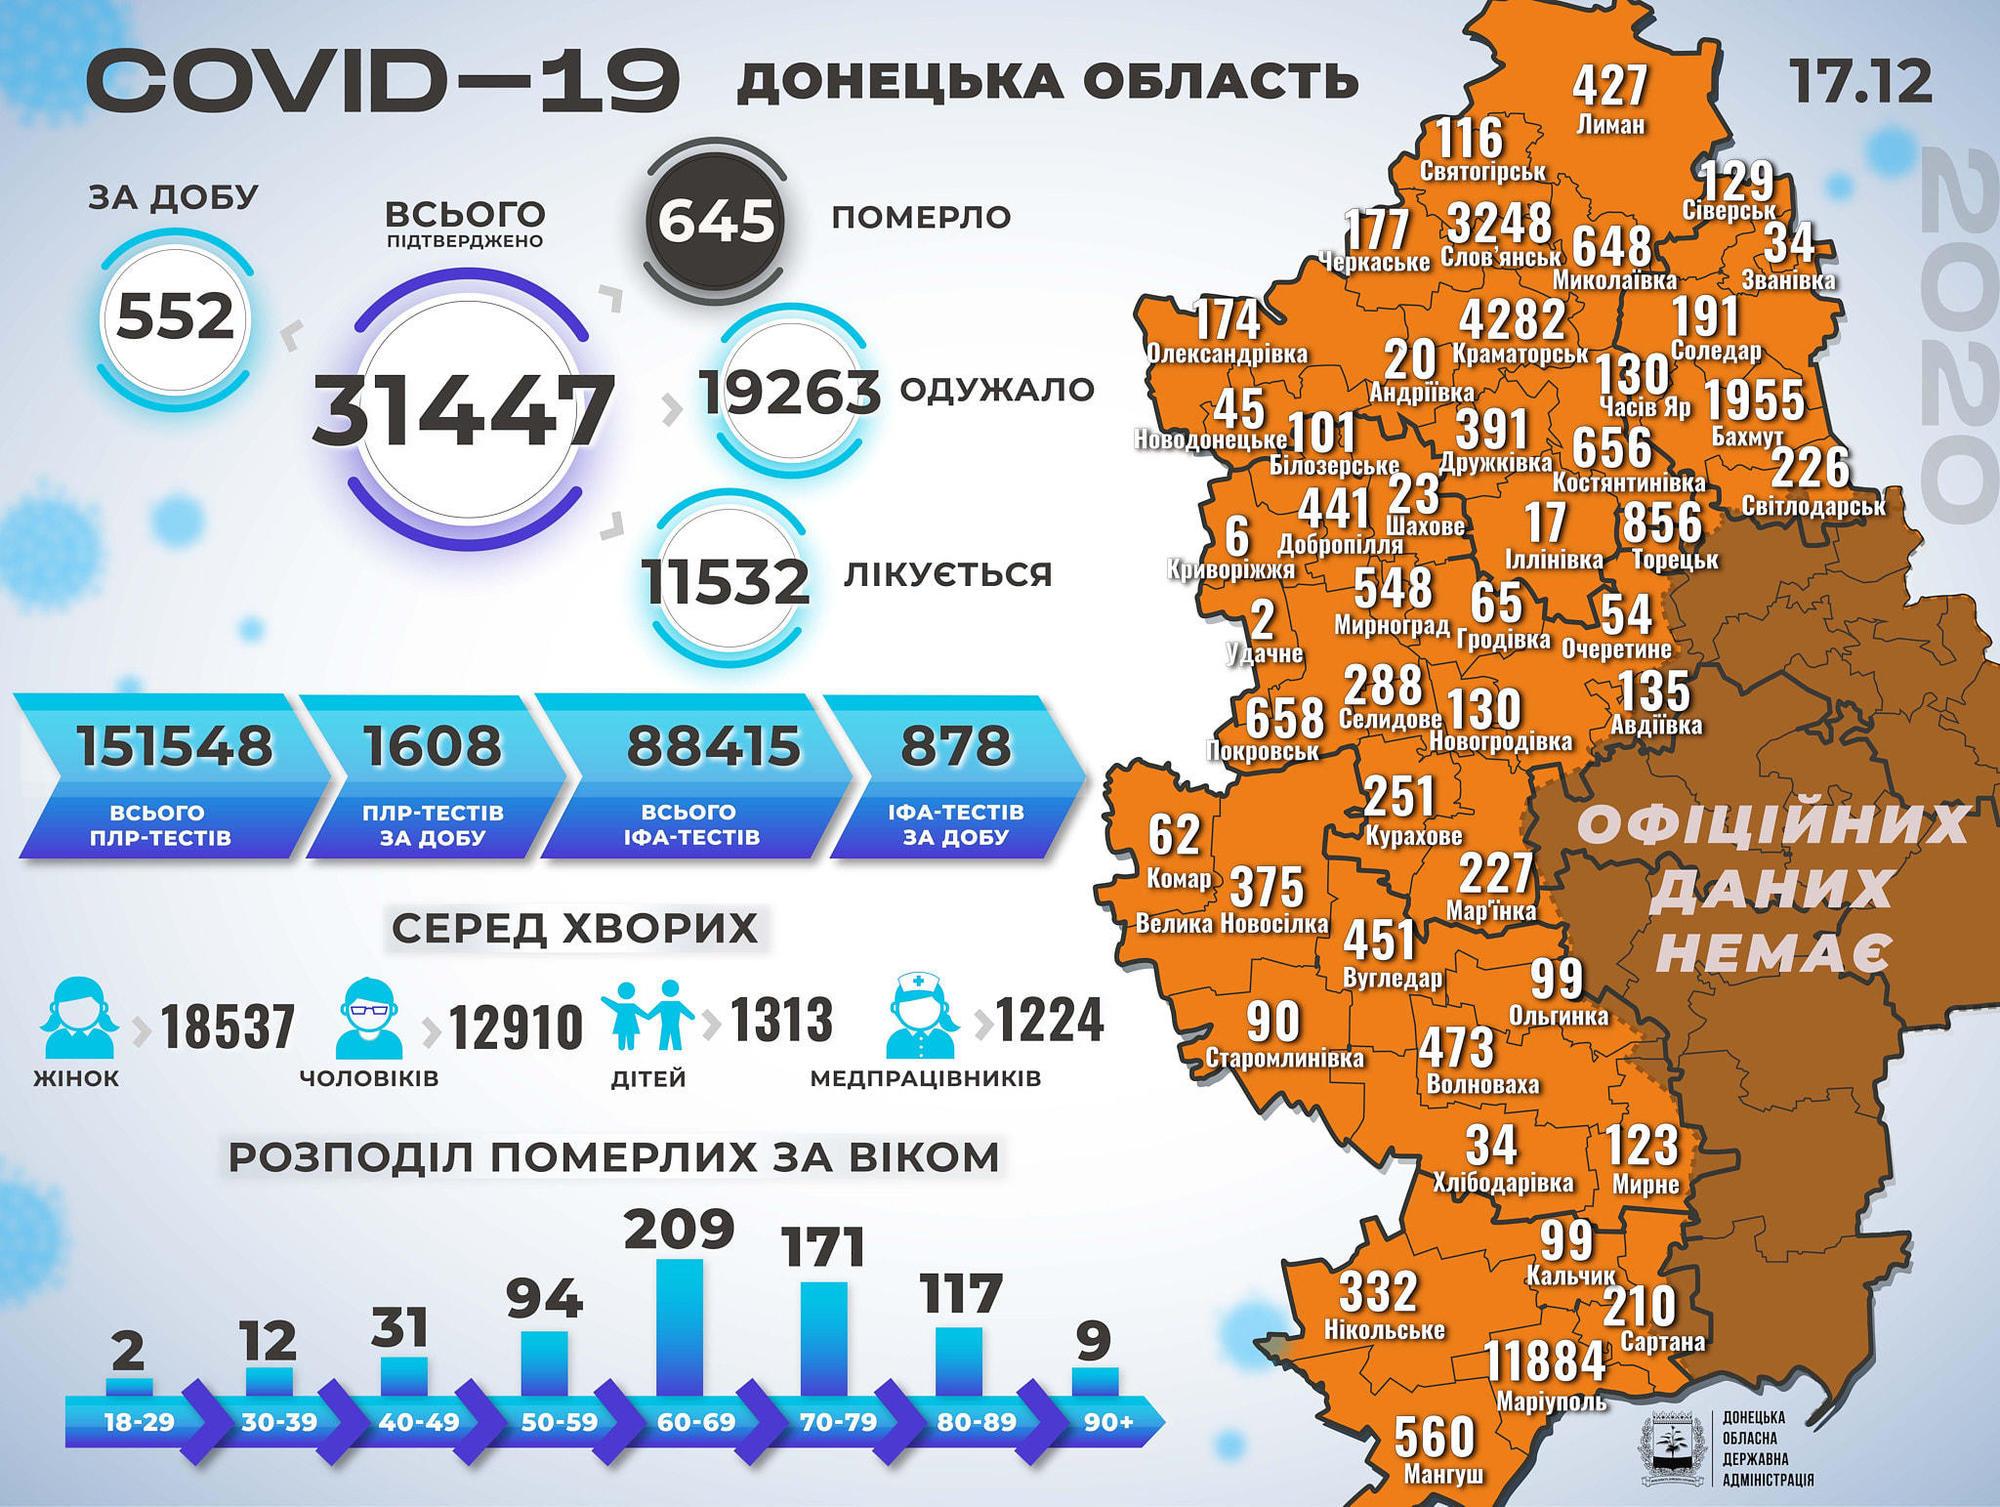 коронавирусная болезнь на 19 декабря в Донецкой области